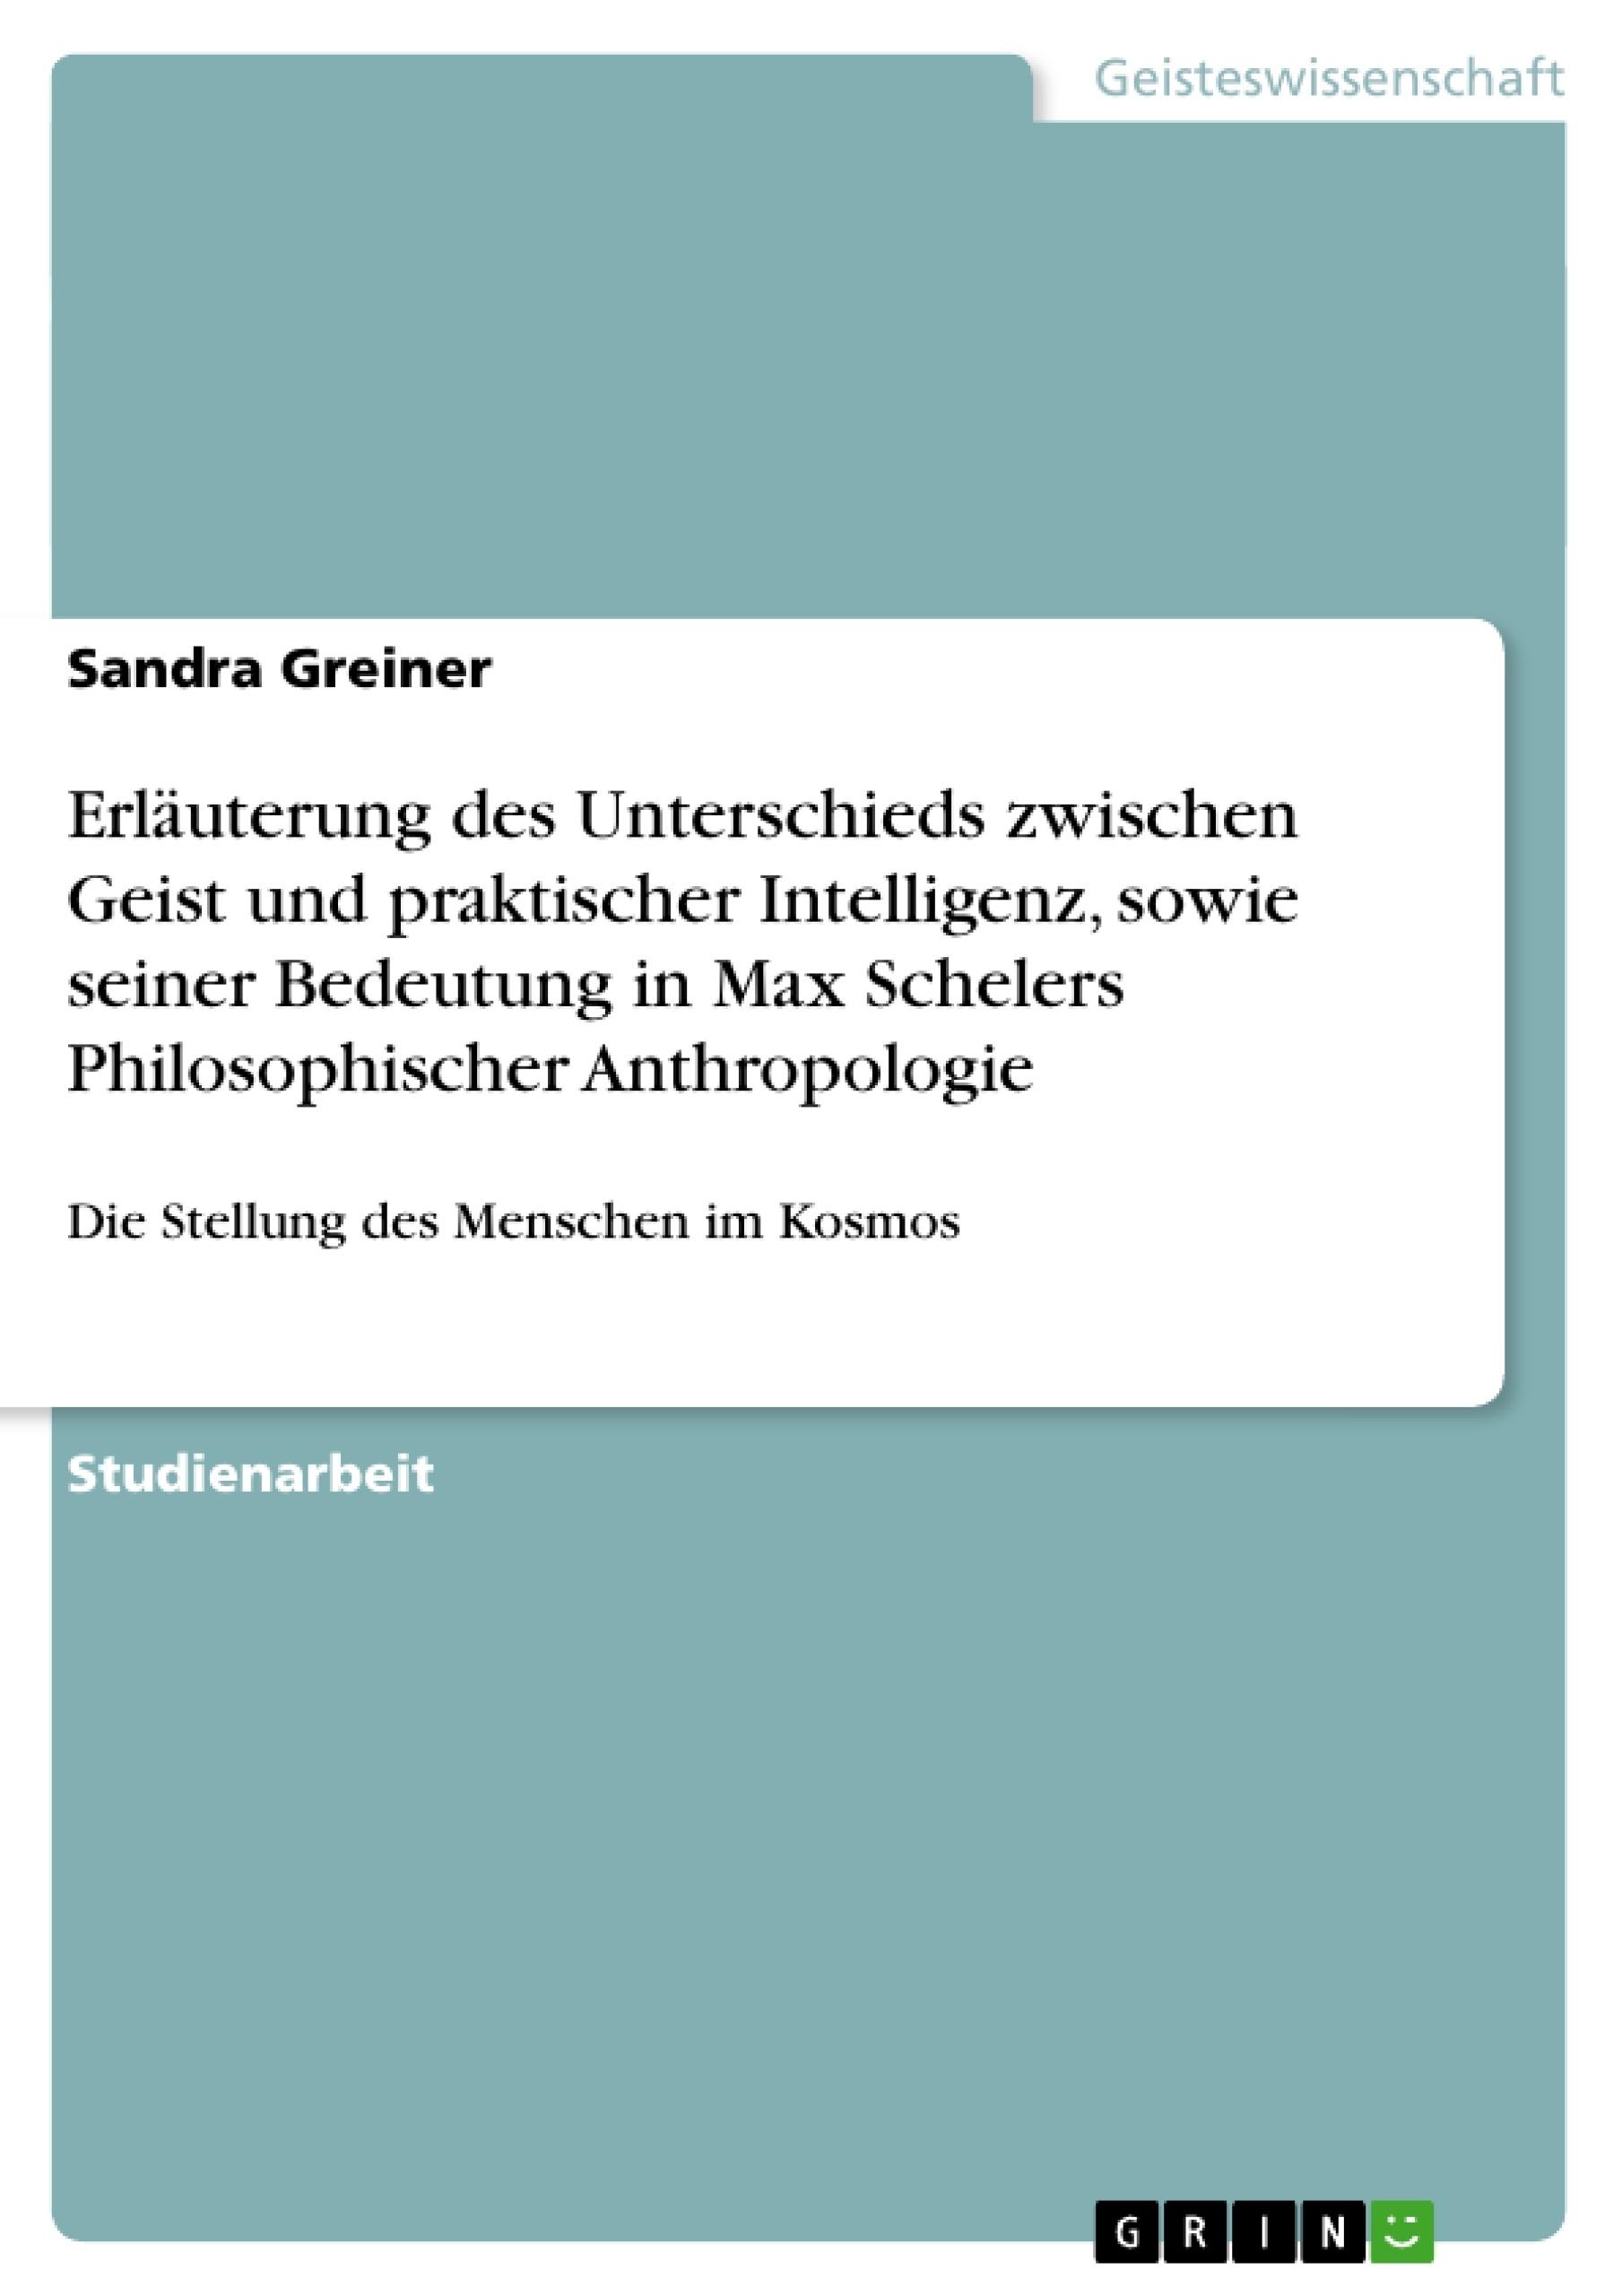 Titel: Erläuterung des Unterschieds zwischen Geist und praktischer Intelligenz, sowie seiner Bedeutung in Max Schelers Philosophischer Anthropologie